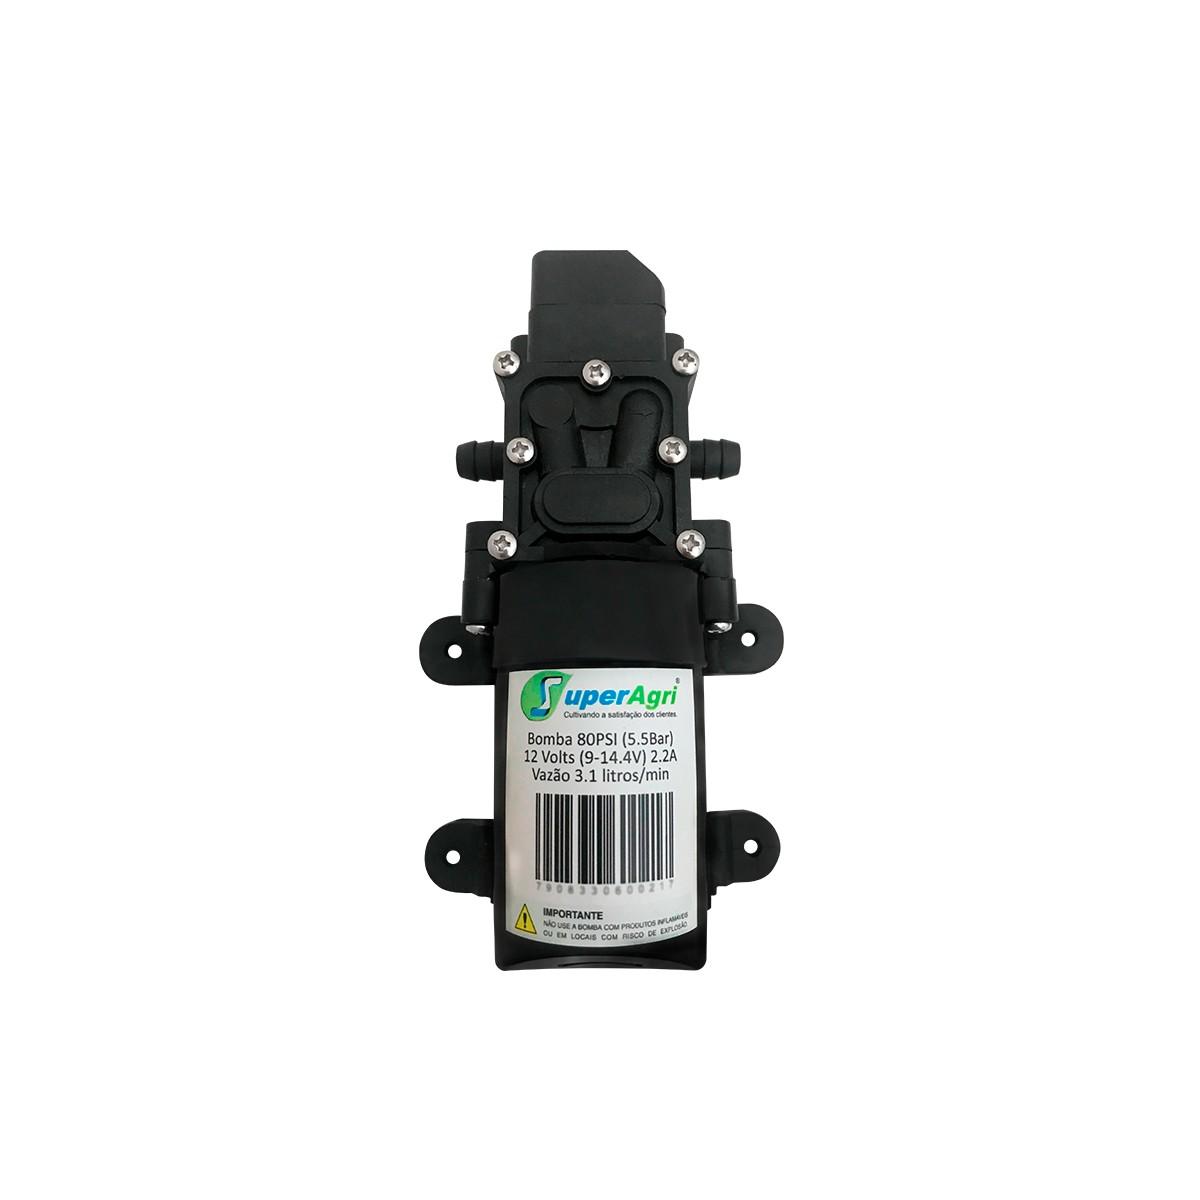 Kit De Reparo para Pulverizador 16L Bomba 80PSI + Controle de Pressão + Bateria + Carregador